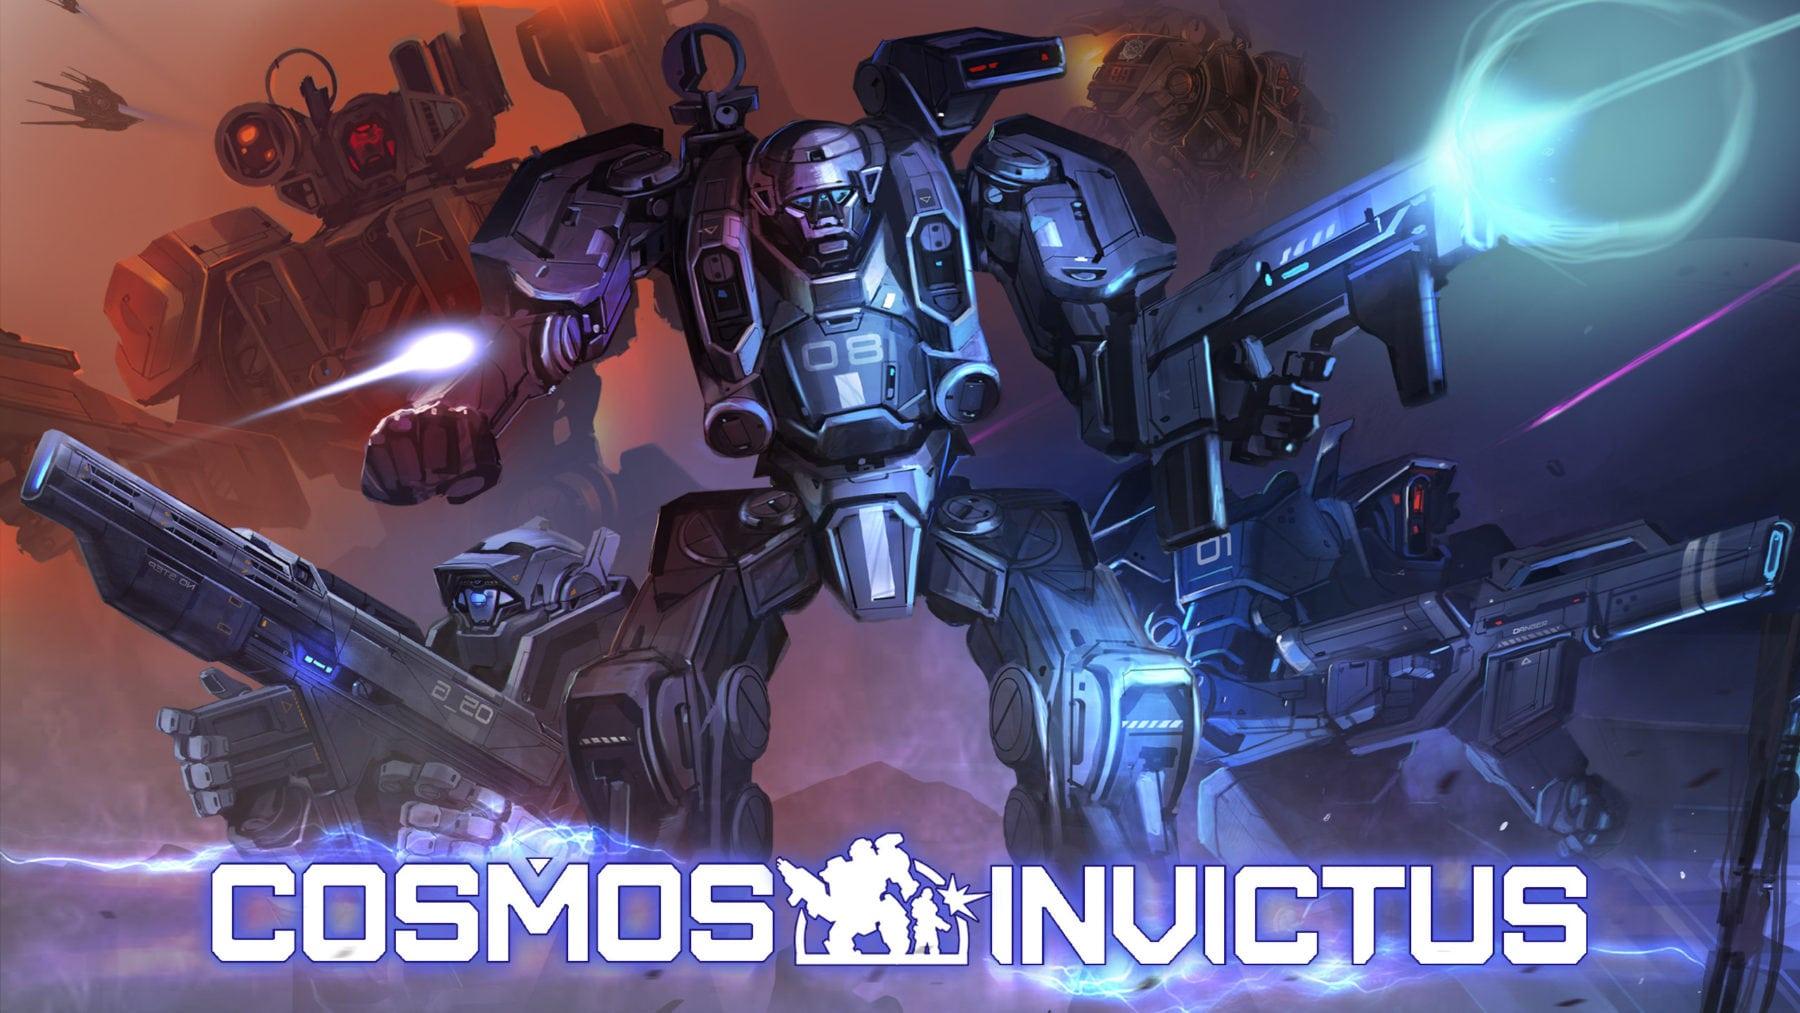 Cosmos Invictus llega a Steam Early Access este miércoles gratis